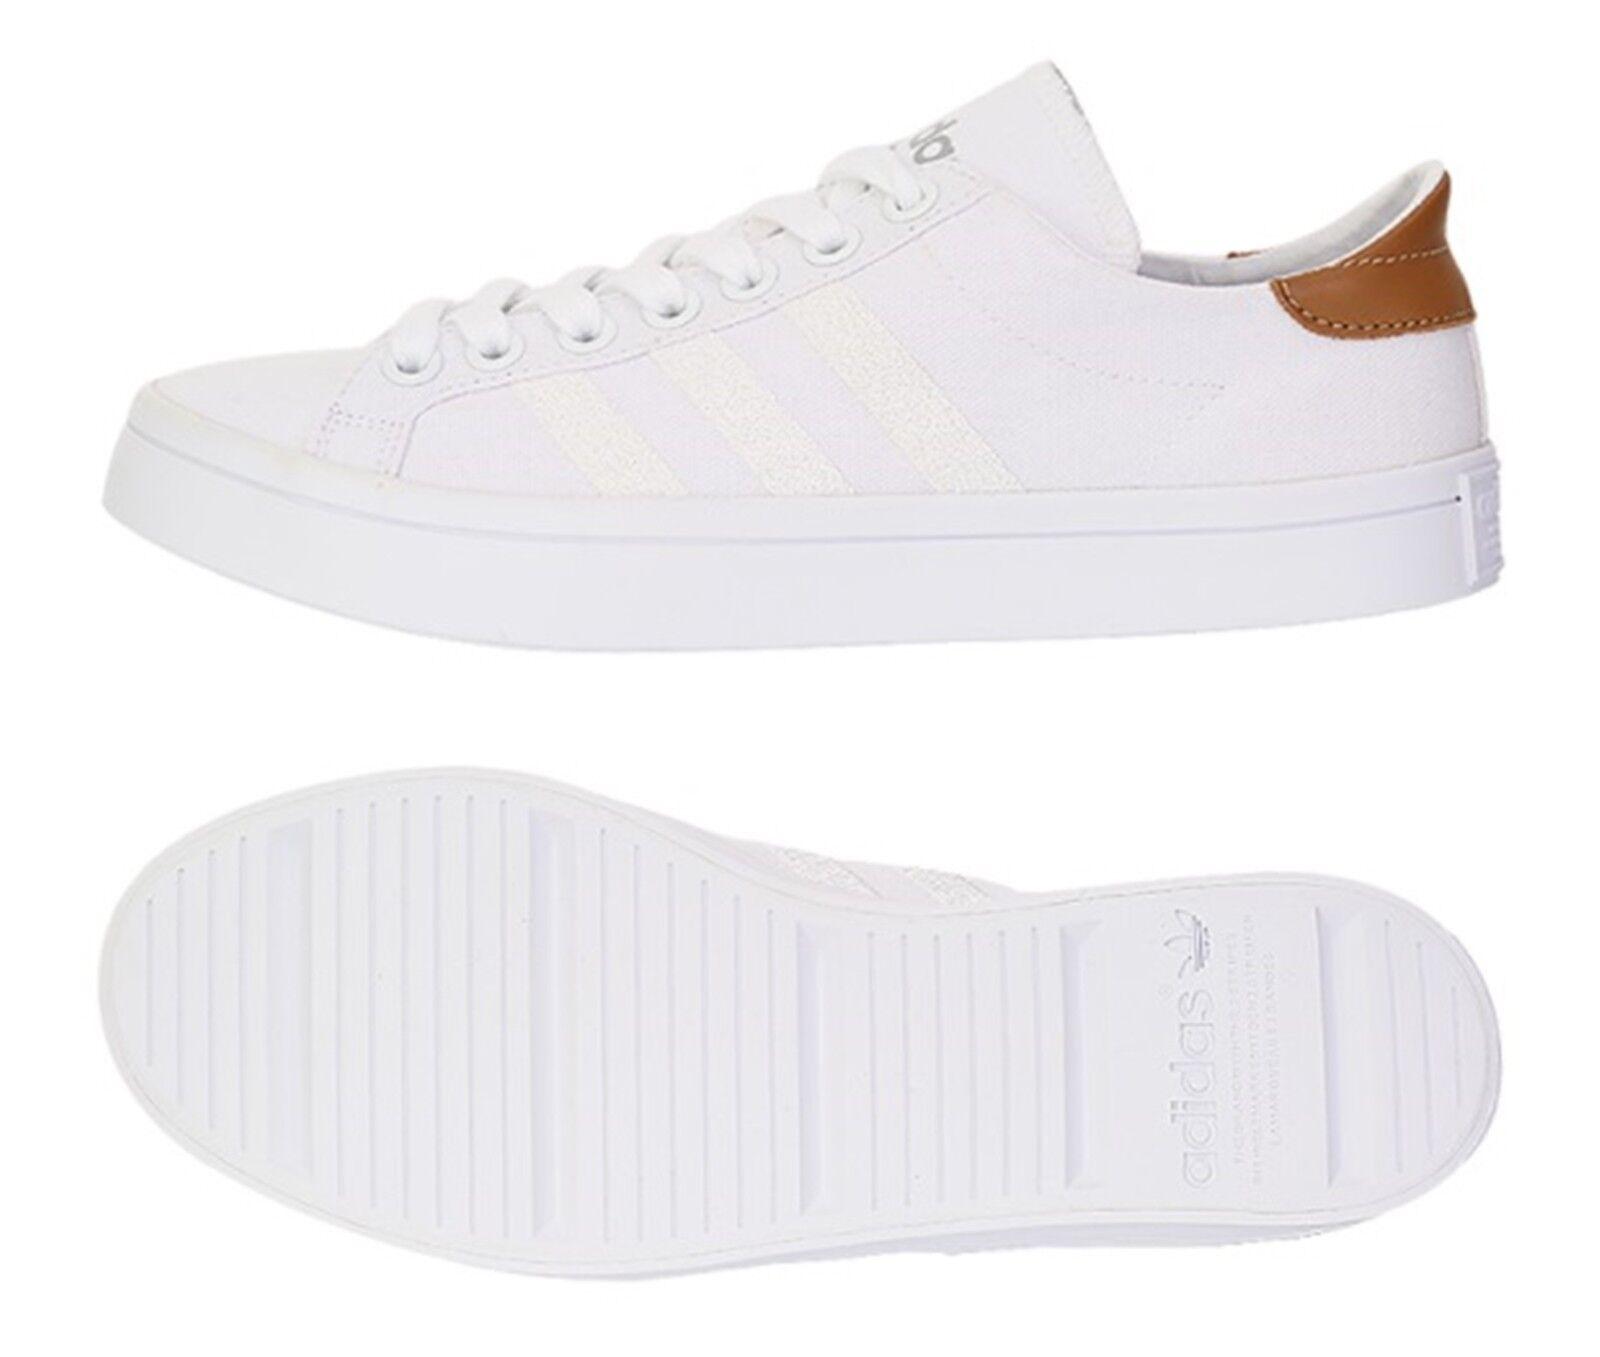 Adidas Hombre Originals Tribunal Zapatos tenis de correr Zapato de  capacitación Vantage BY9231  para barato